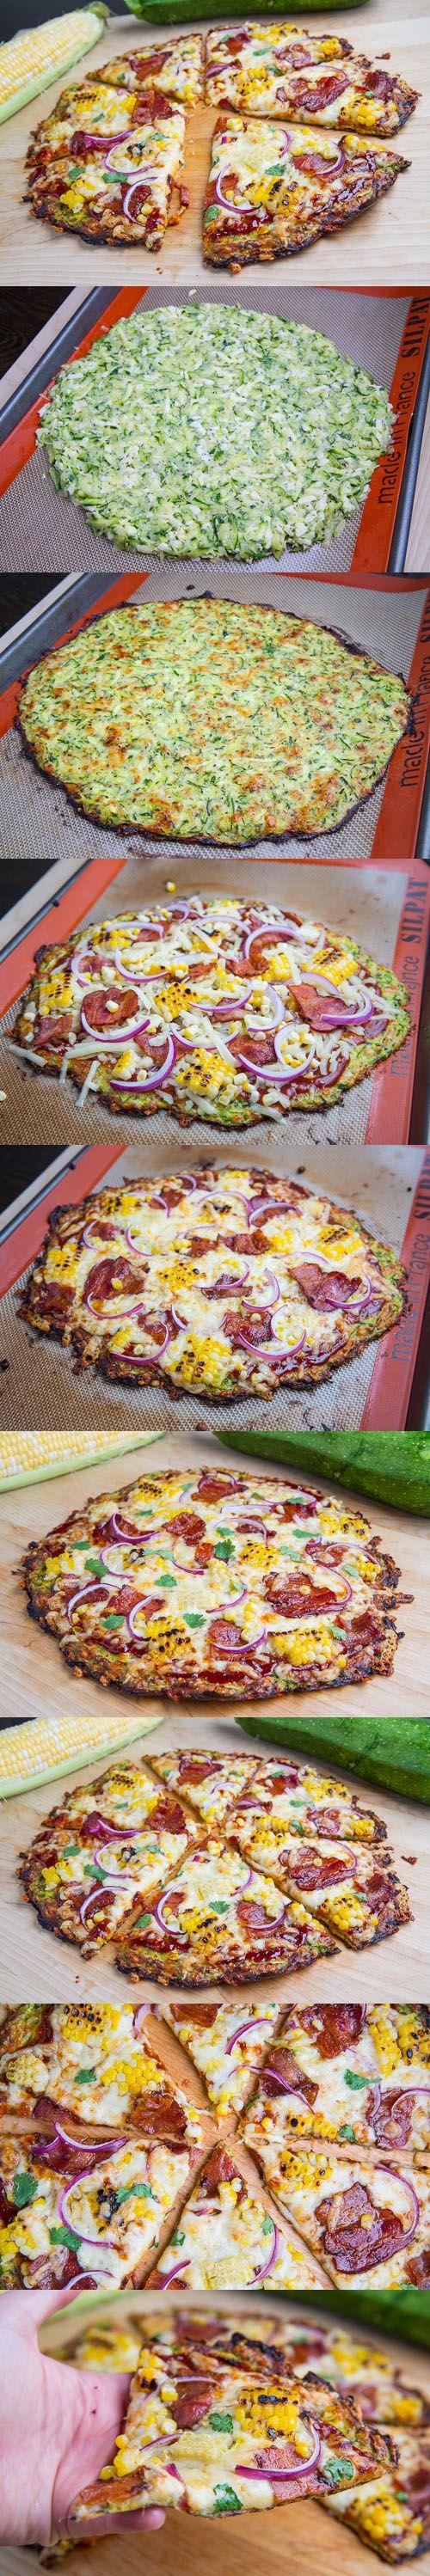 Zucchini crust pizza.